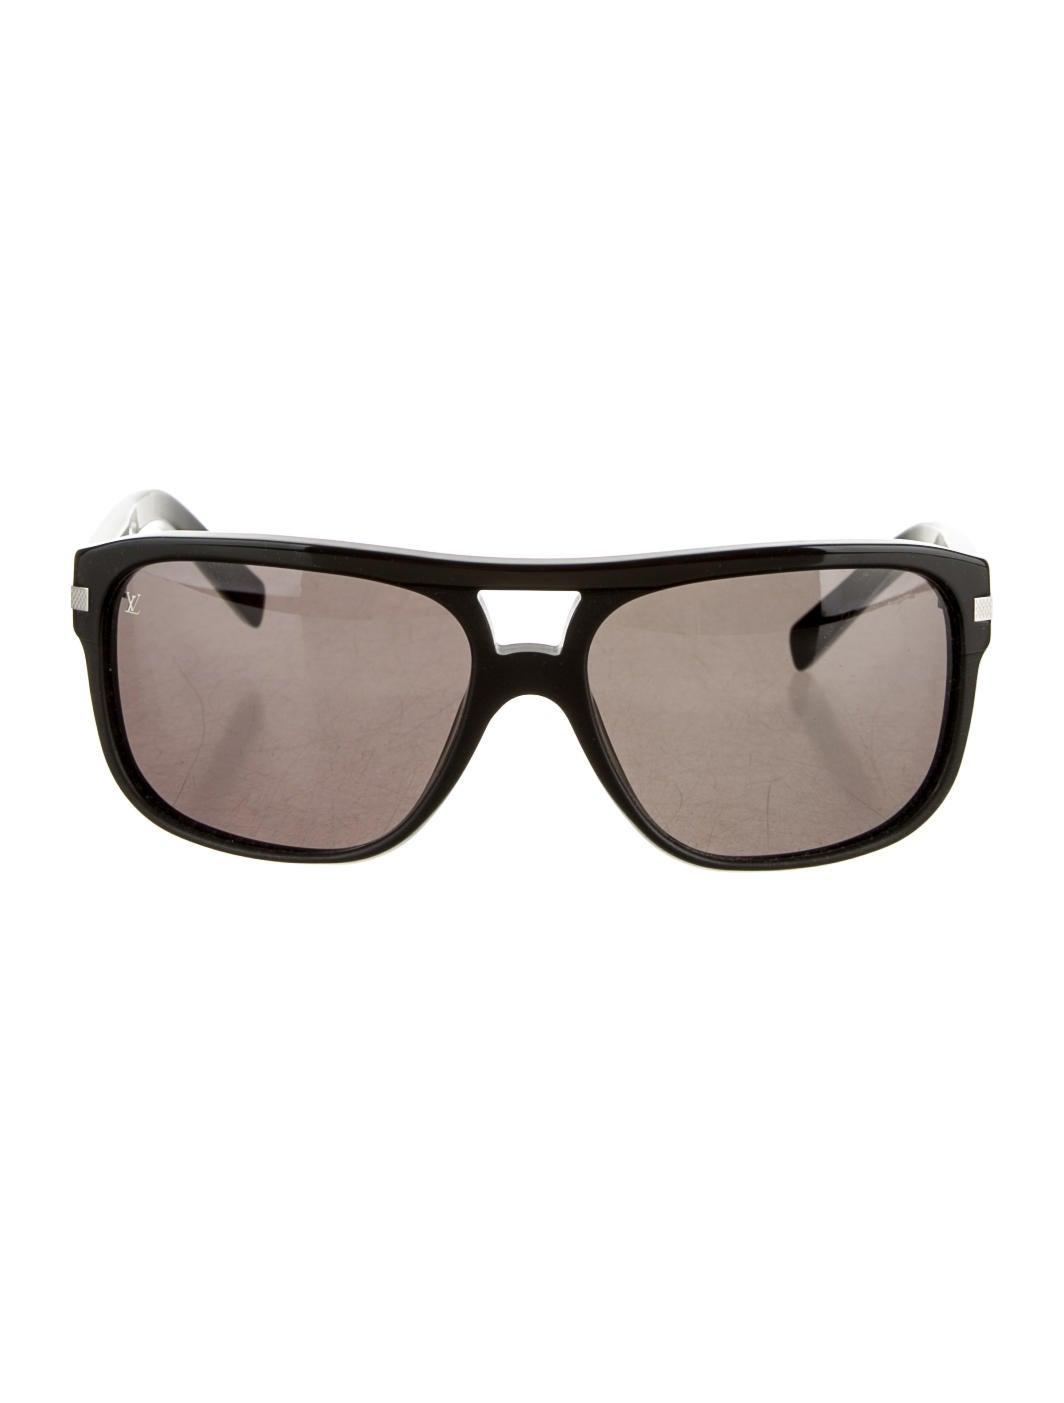 1604f8efab51 Louis Vuitton Possession Pilote Sunglasses - Accessories - LOU40731 ...